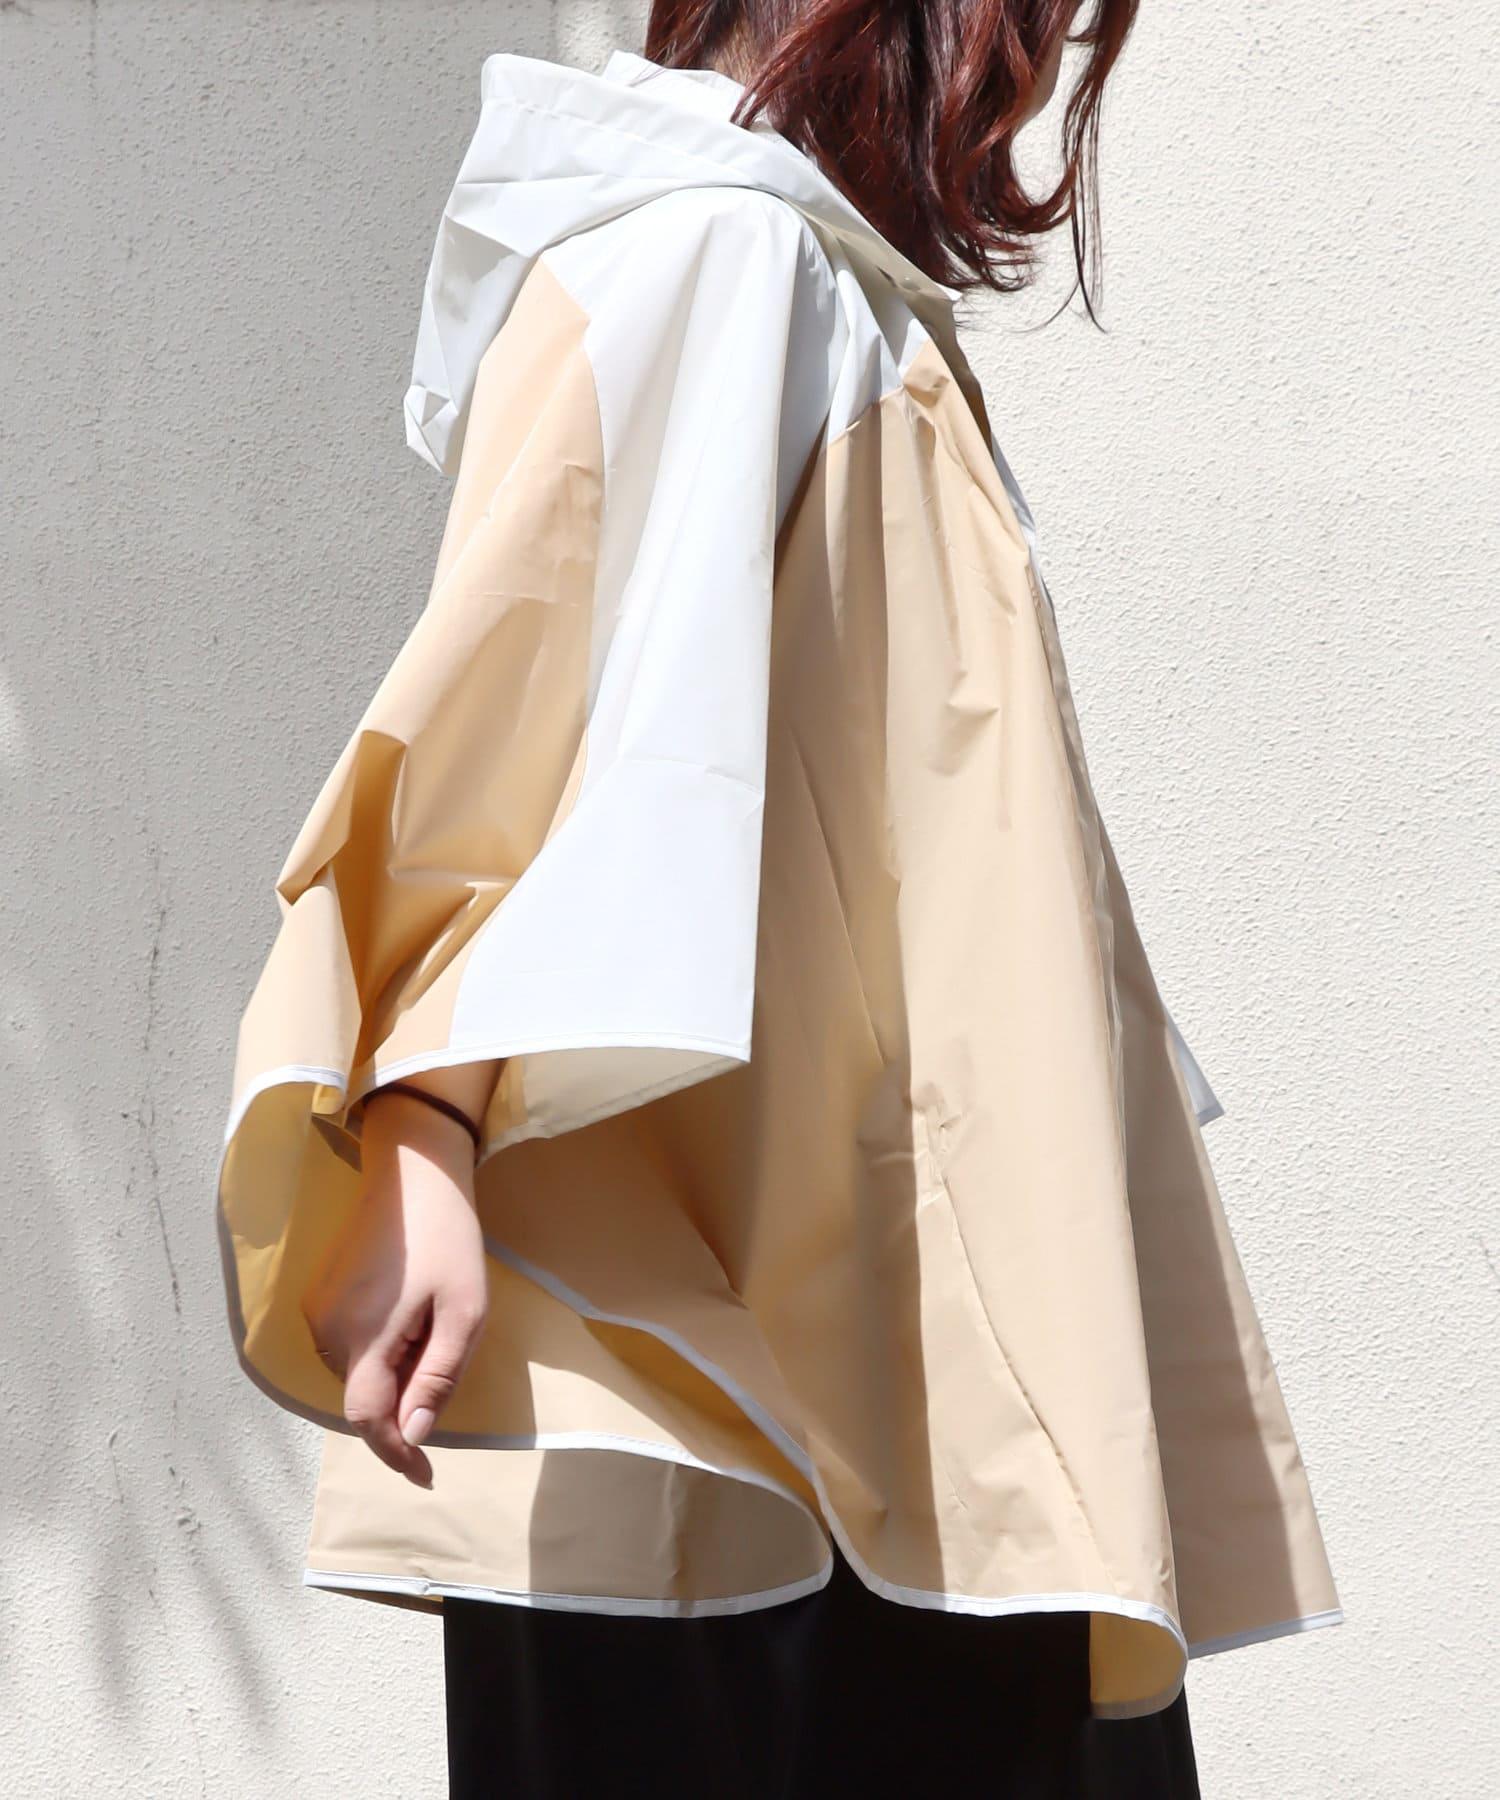 3COINS(スリーコインズ) ライフスタイル 【Enjoy Rainy Days】巾着付き切り替えレインポンチョ ベージュ